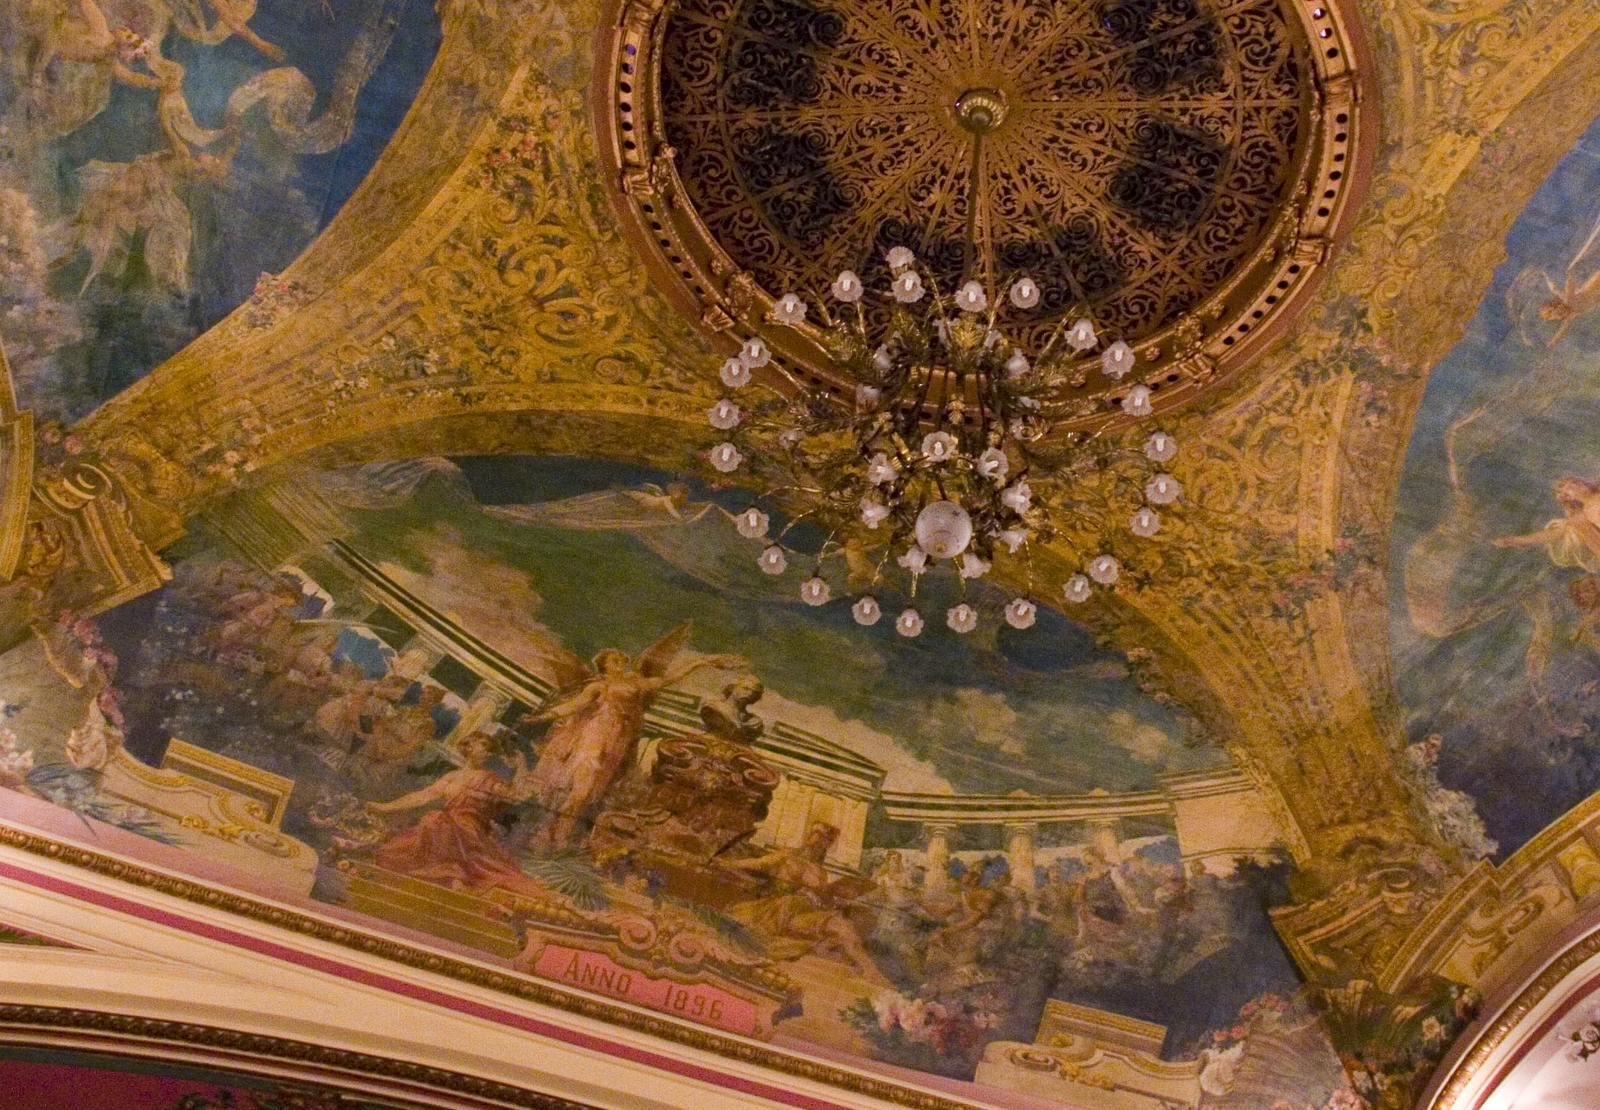 teatro amazonas2 Teatro Amazonas   Opera House in the Heart of Amazonia